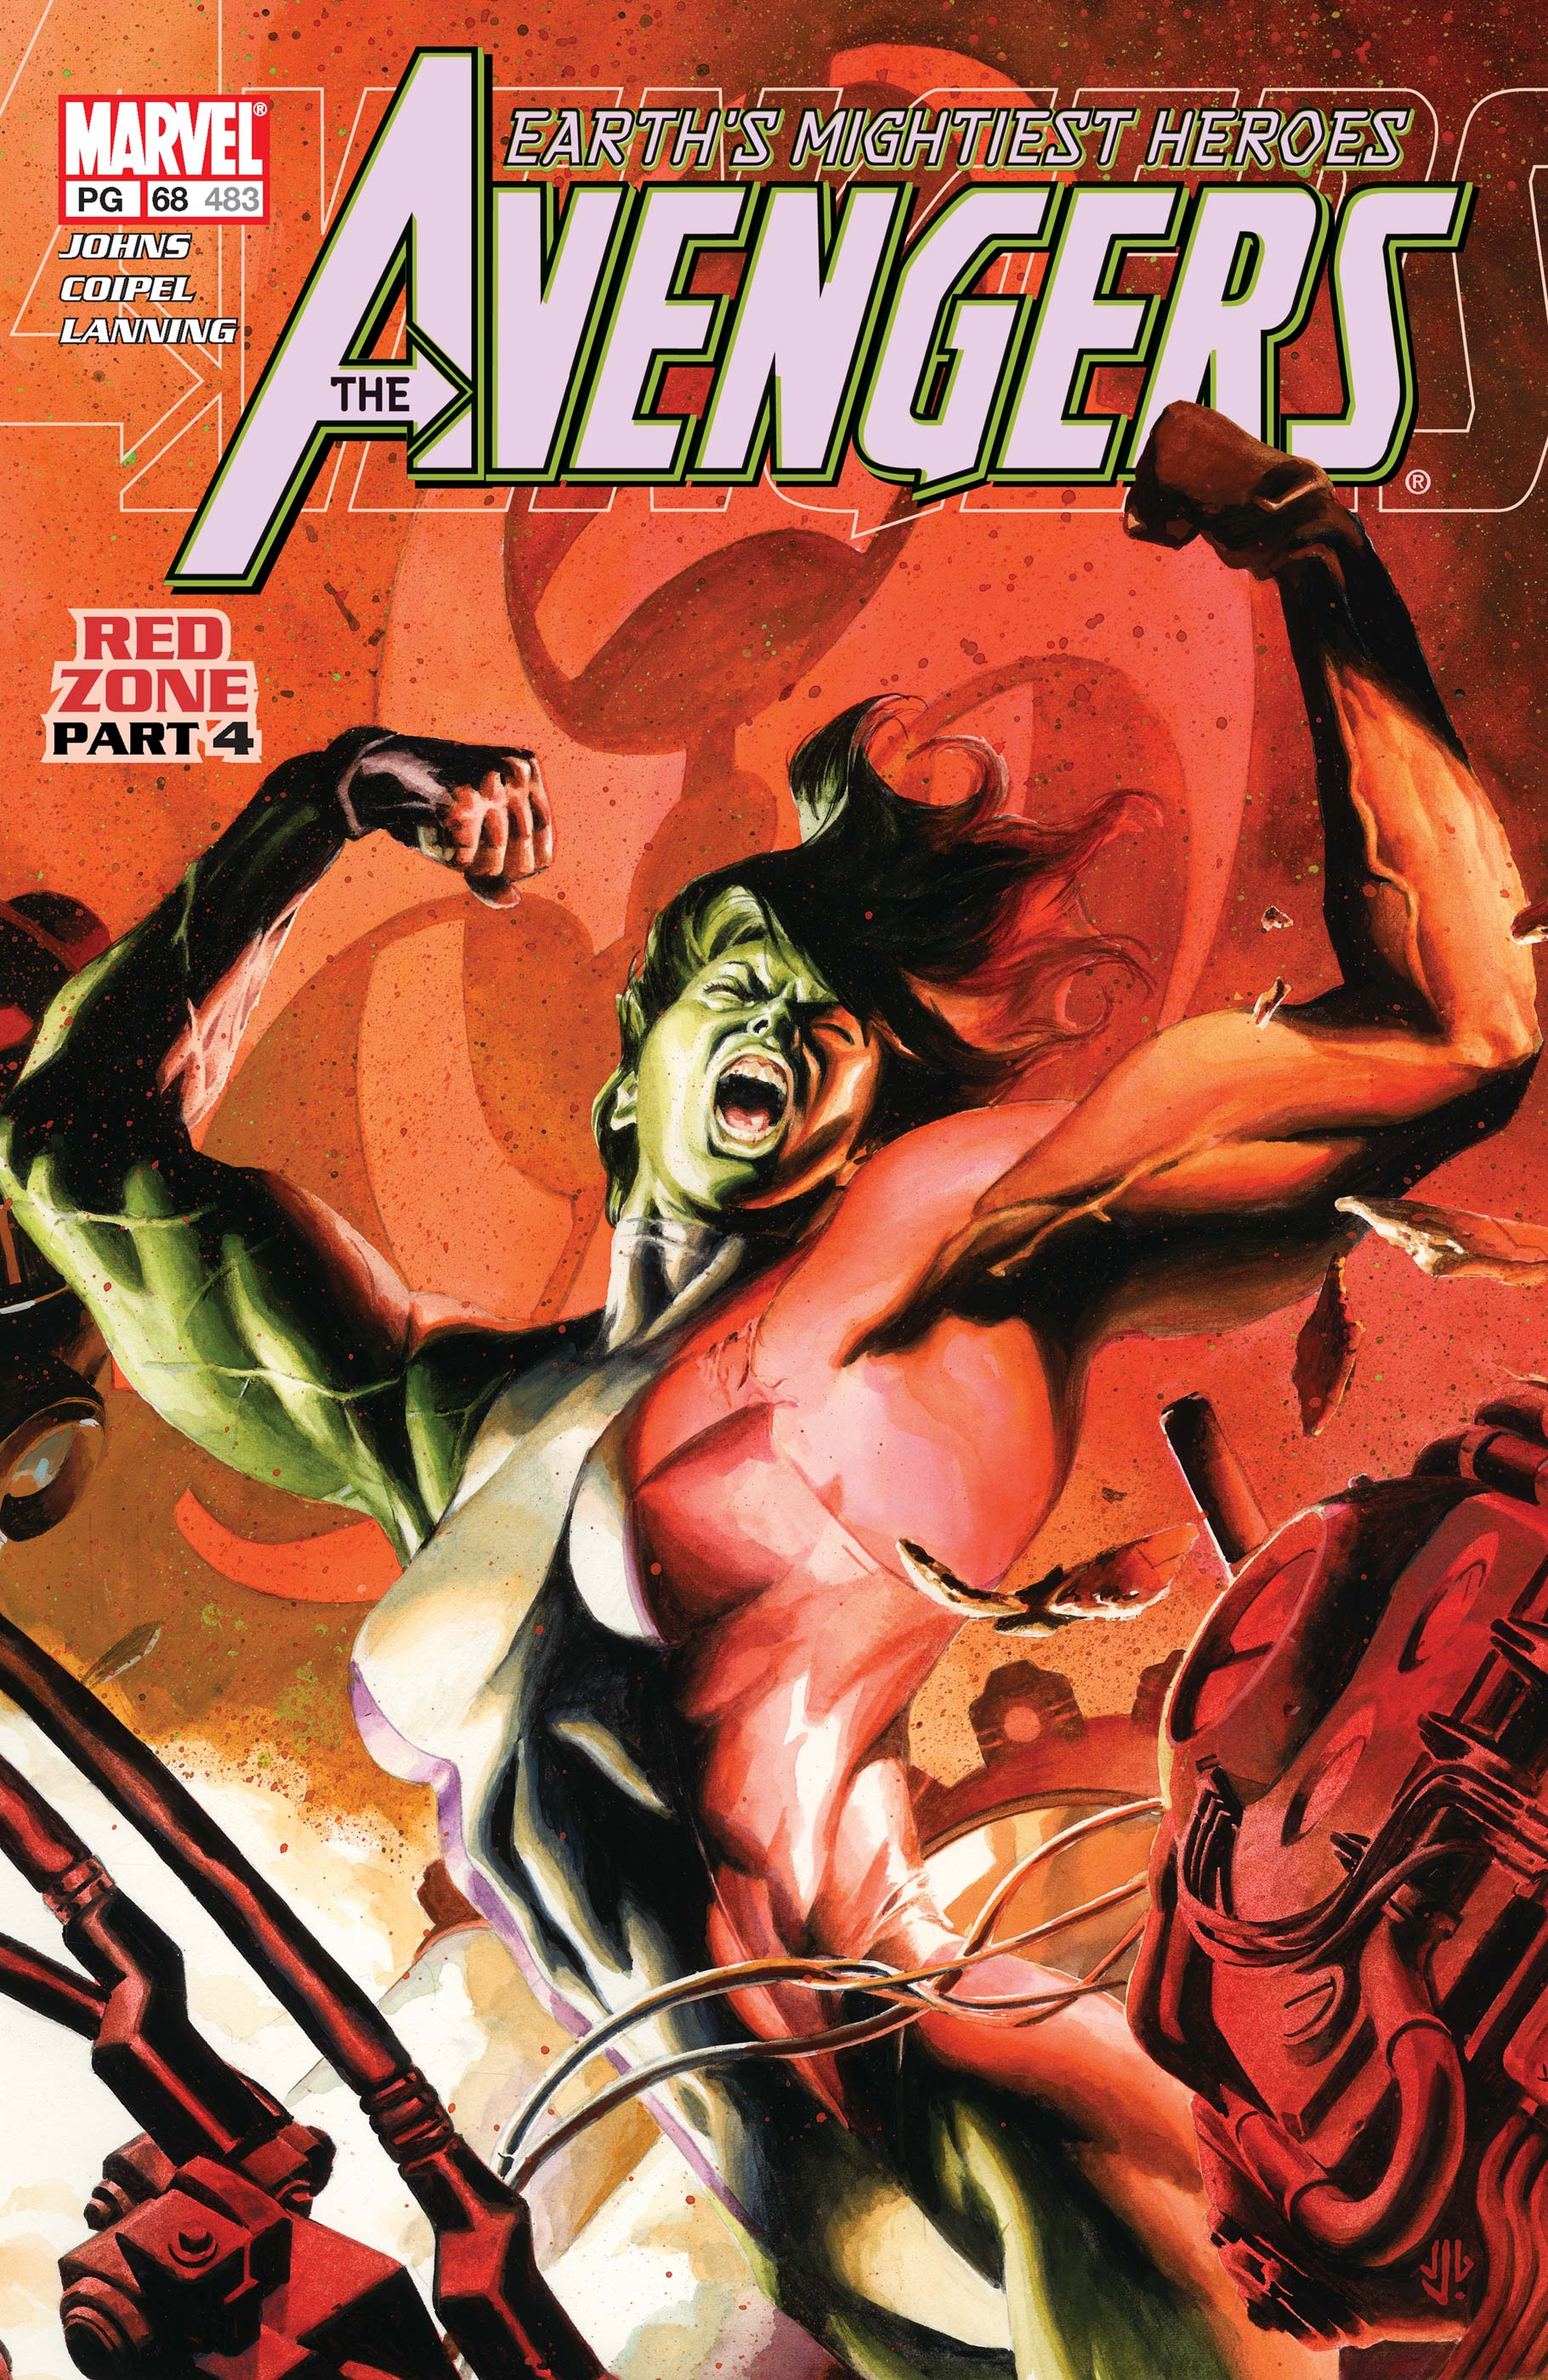 Avengers (1998) #68